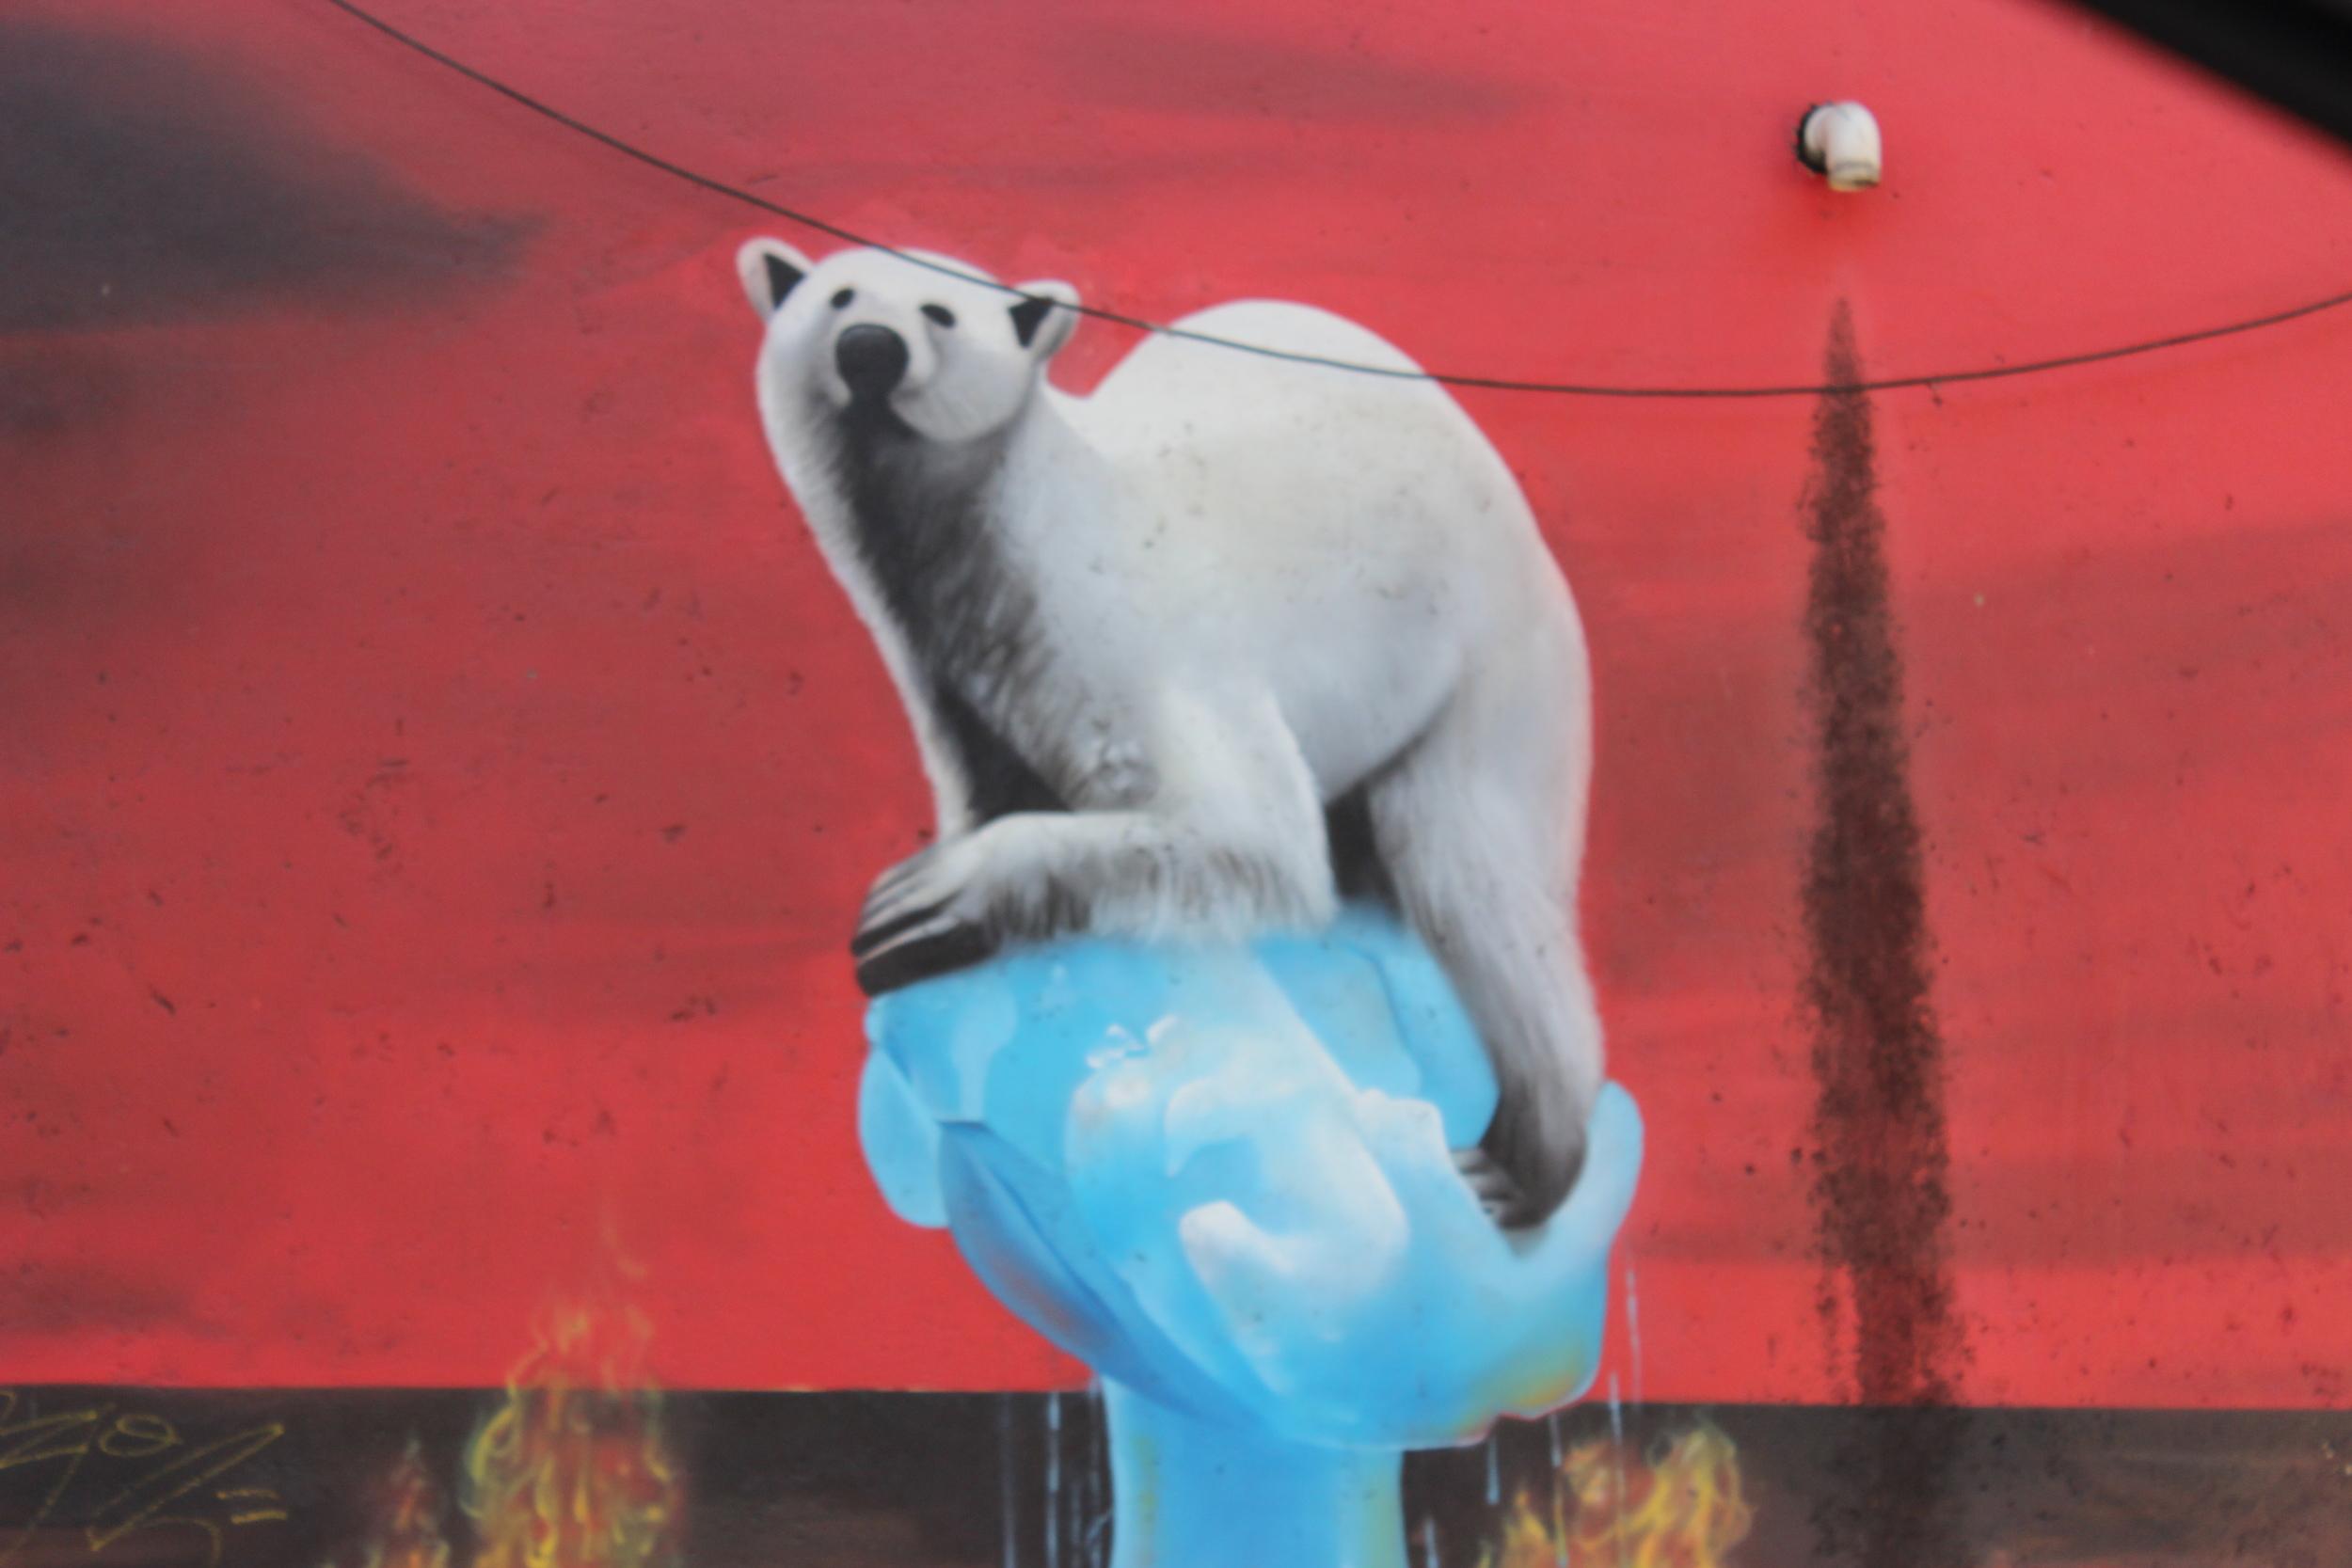 O aquecimento global não é novidade para ninguém, todo mundo sabe. Mas o que você faz para evitar isso? O que você faz/pensa sobre o problema de água em São Paulo?